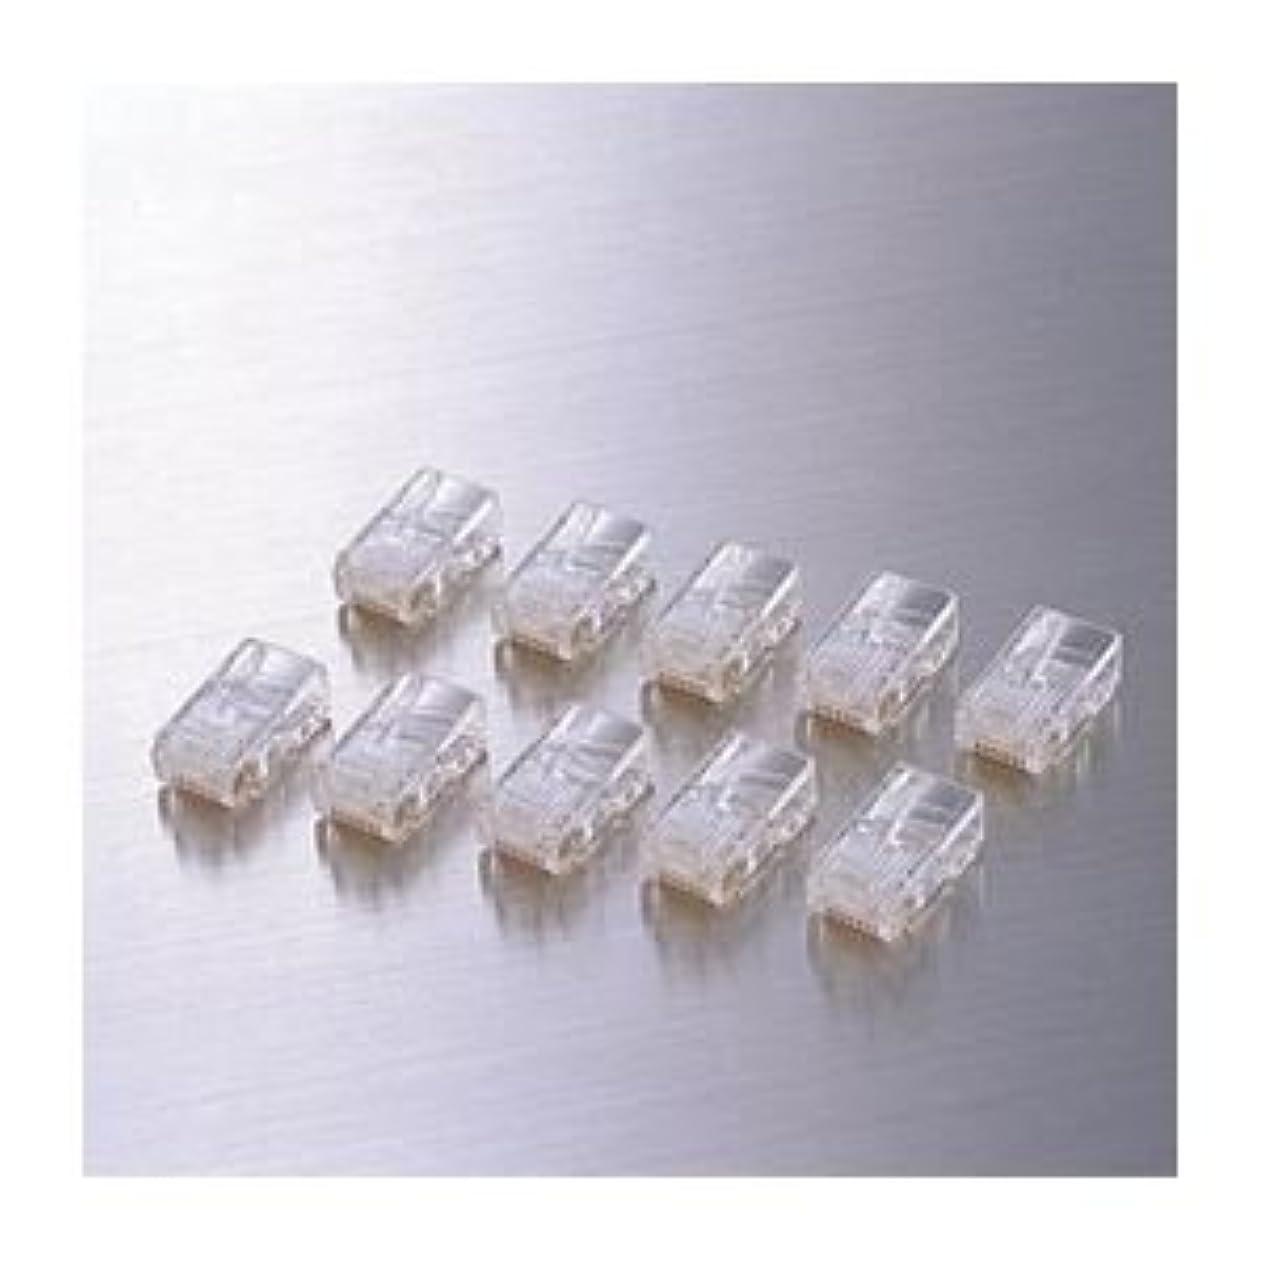 銃組み込む密度(まとめ)エレコム RJ45コネクタ(10個セット) LD-RJ45T10A【×10セット】 ds-1618050